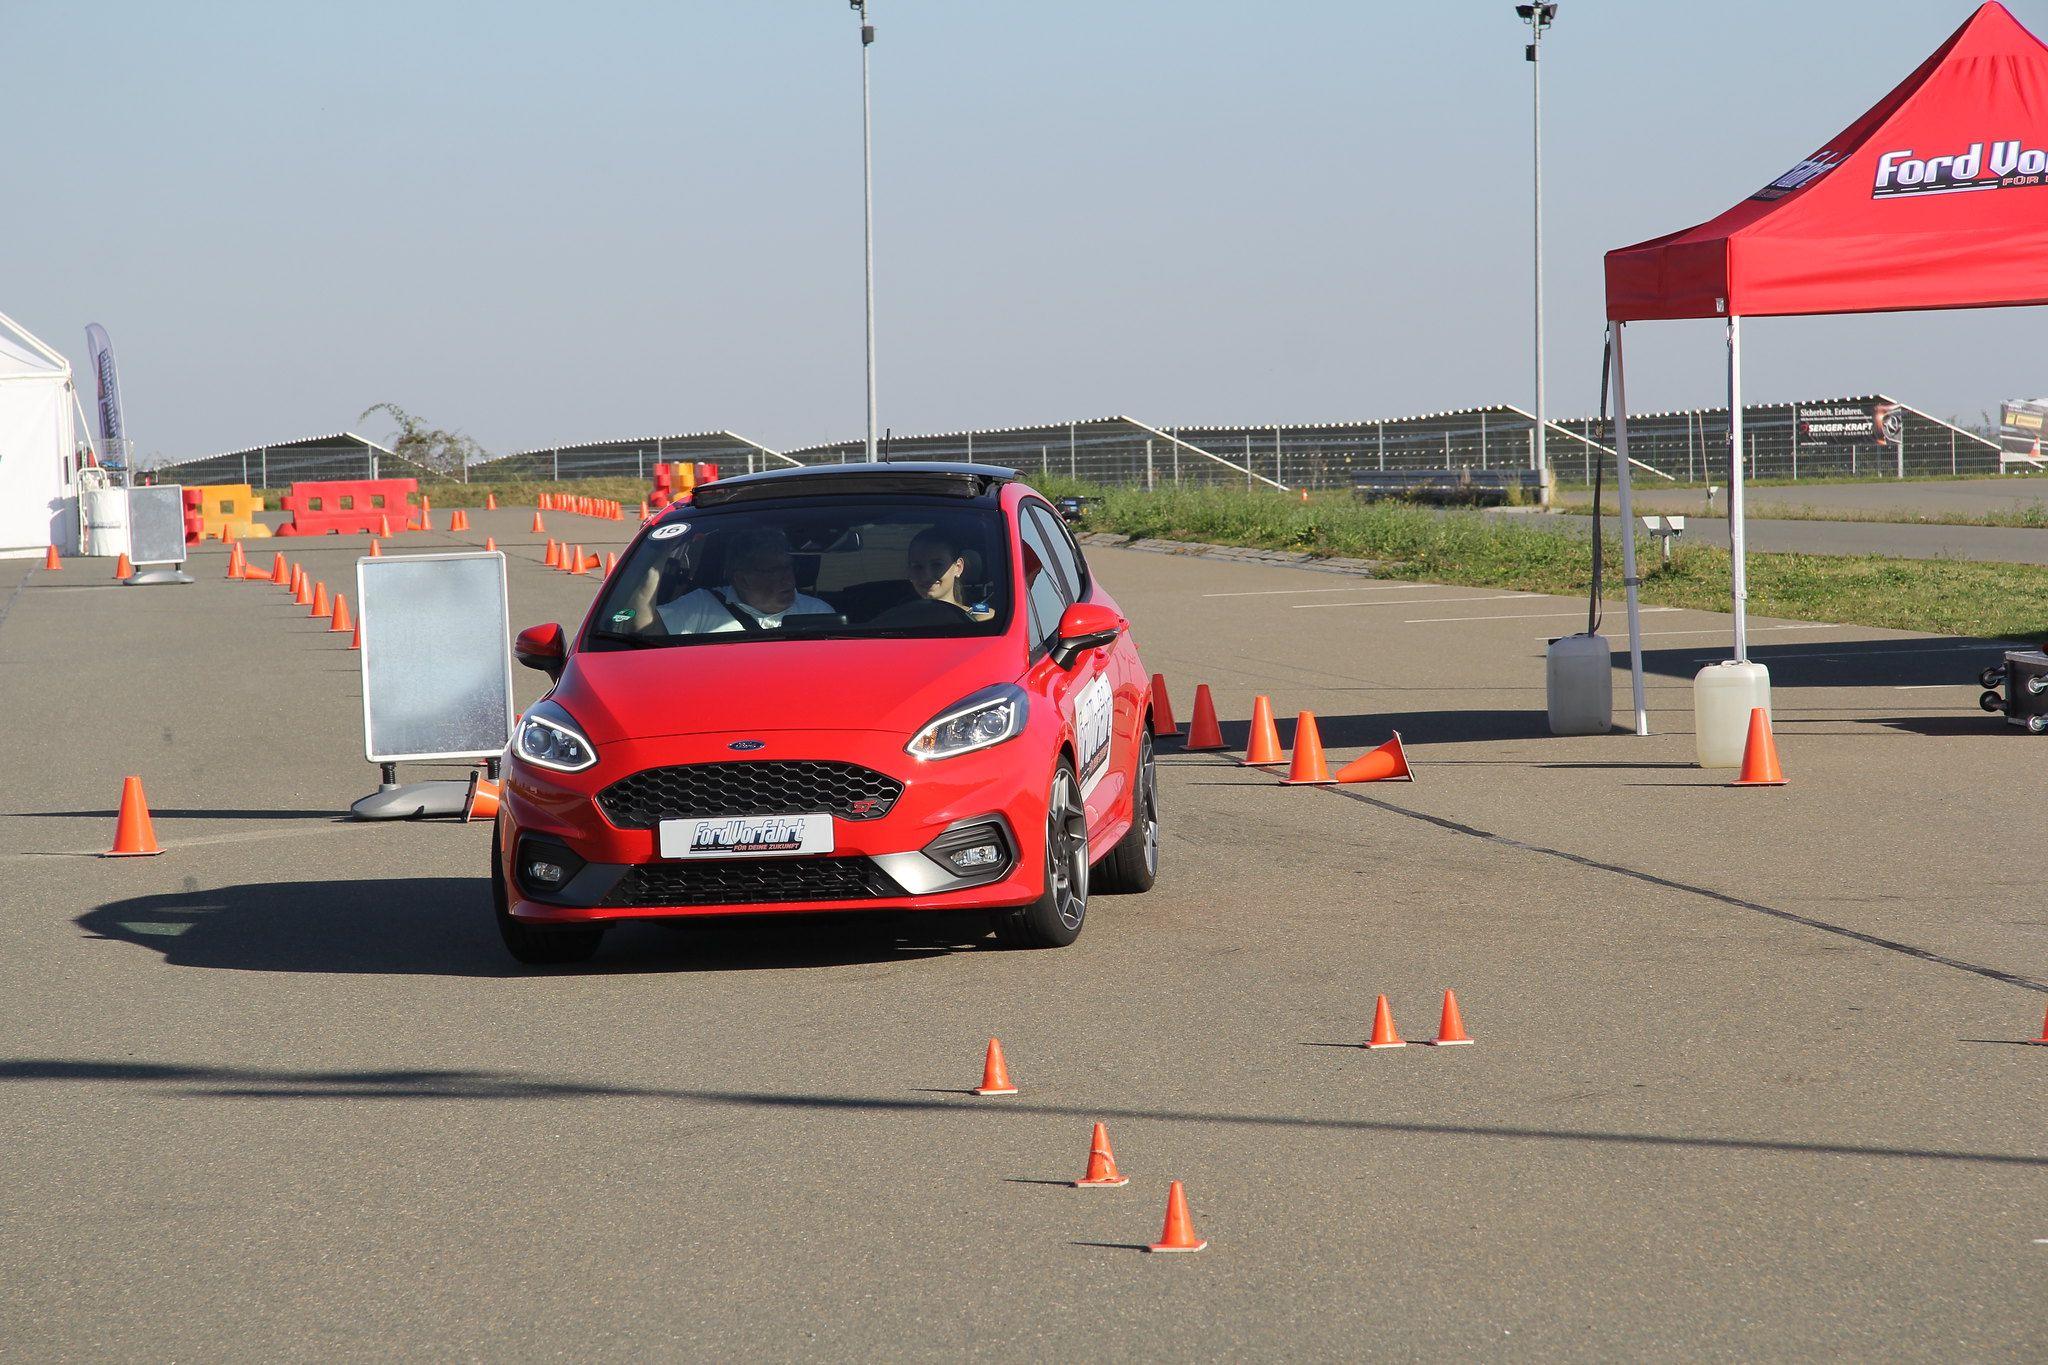 Kostenloses Fahrsicherheitstraining in Recklinghausen und Kiel